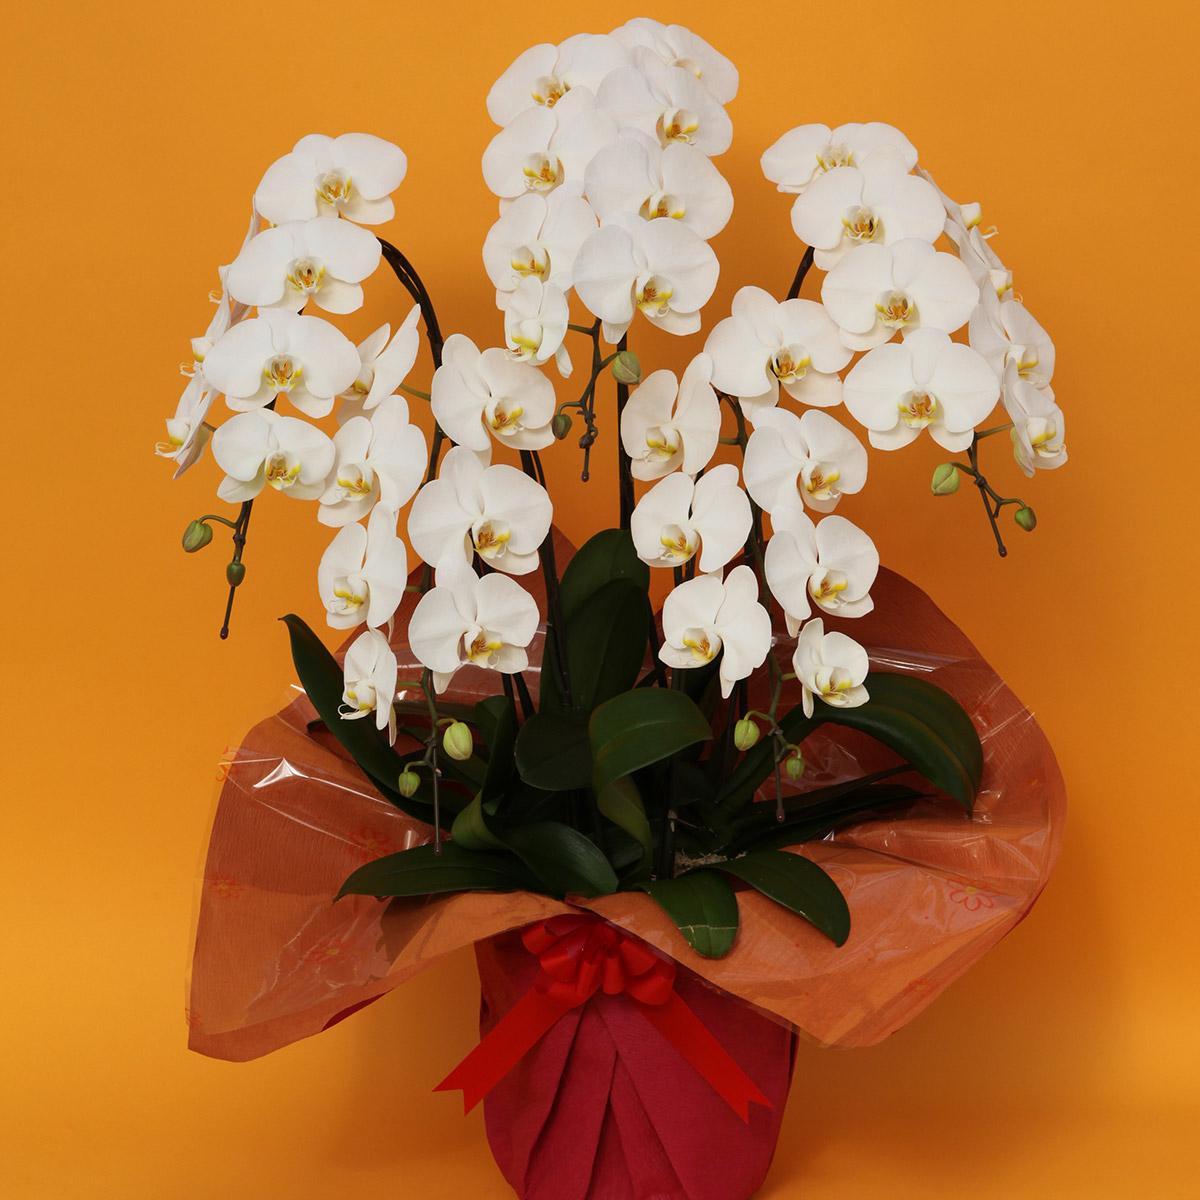 【ふるさと納税】デラックス大輪胡蝶蘭5本立白、鉢サイズ:8寸鉢、輪数:55輪程度、花色:白色、ラッピング:赤色